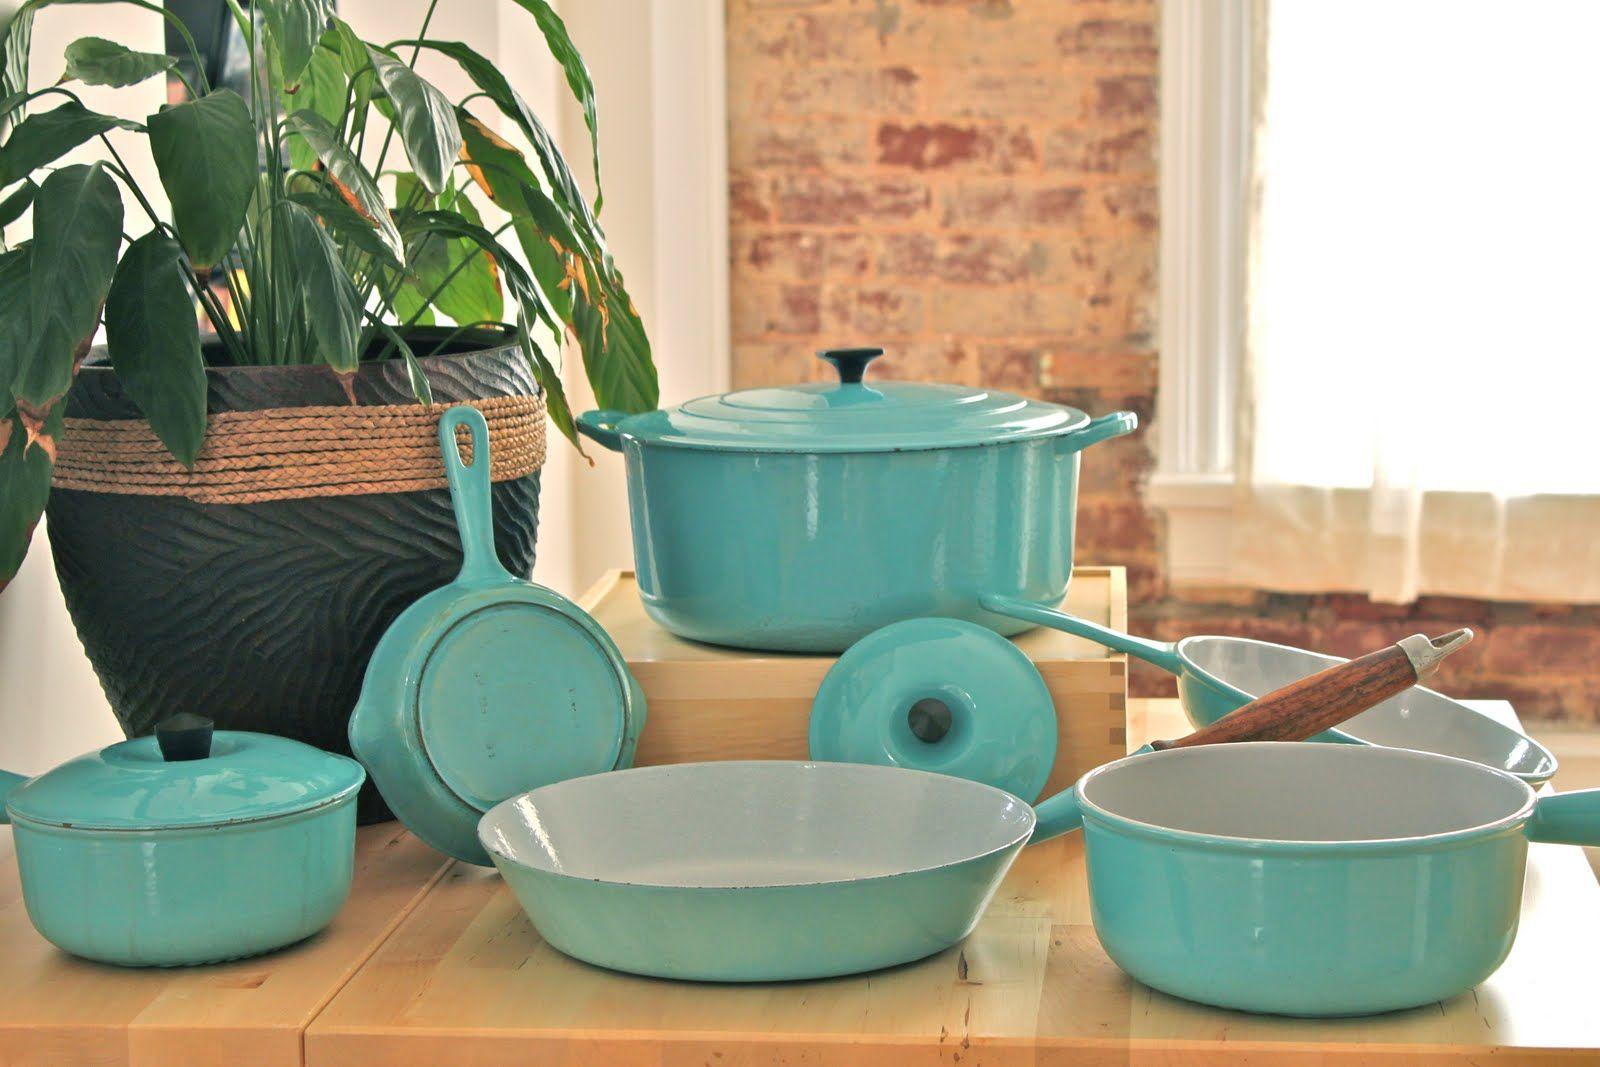 Vintage Le Creuset Kitchenware In Paris Blue